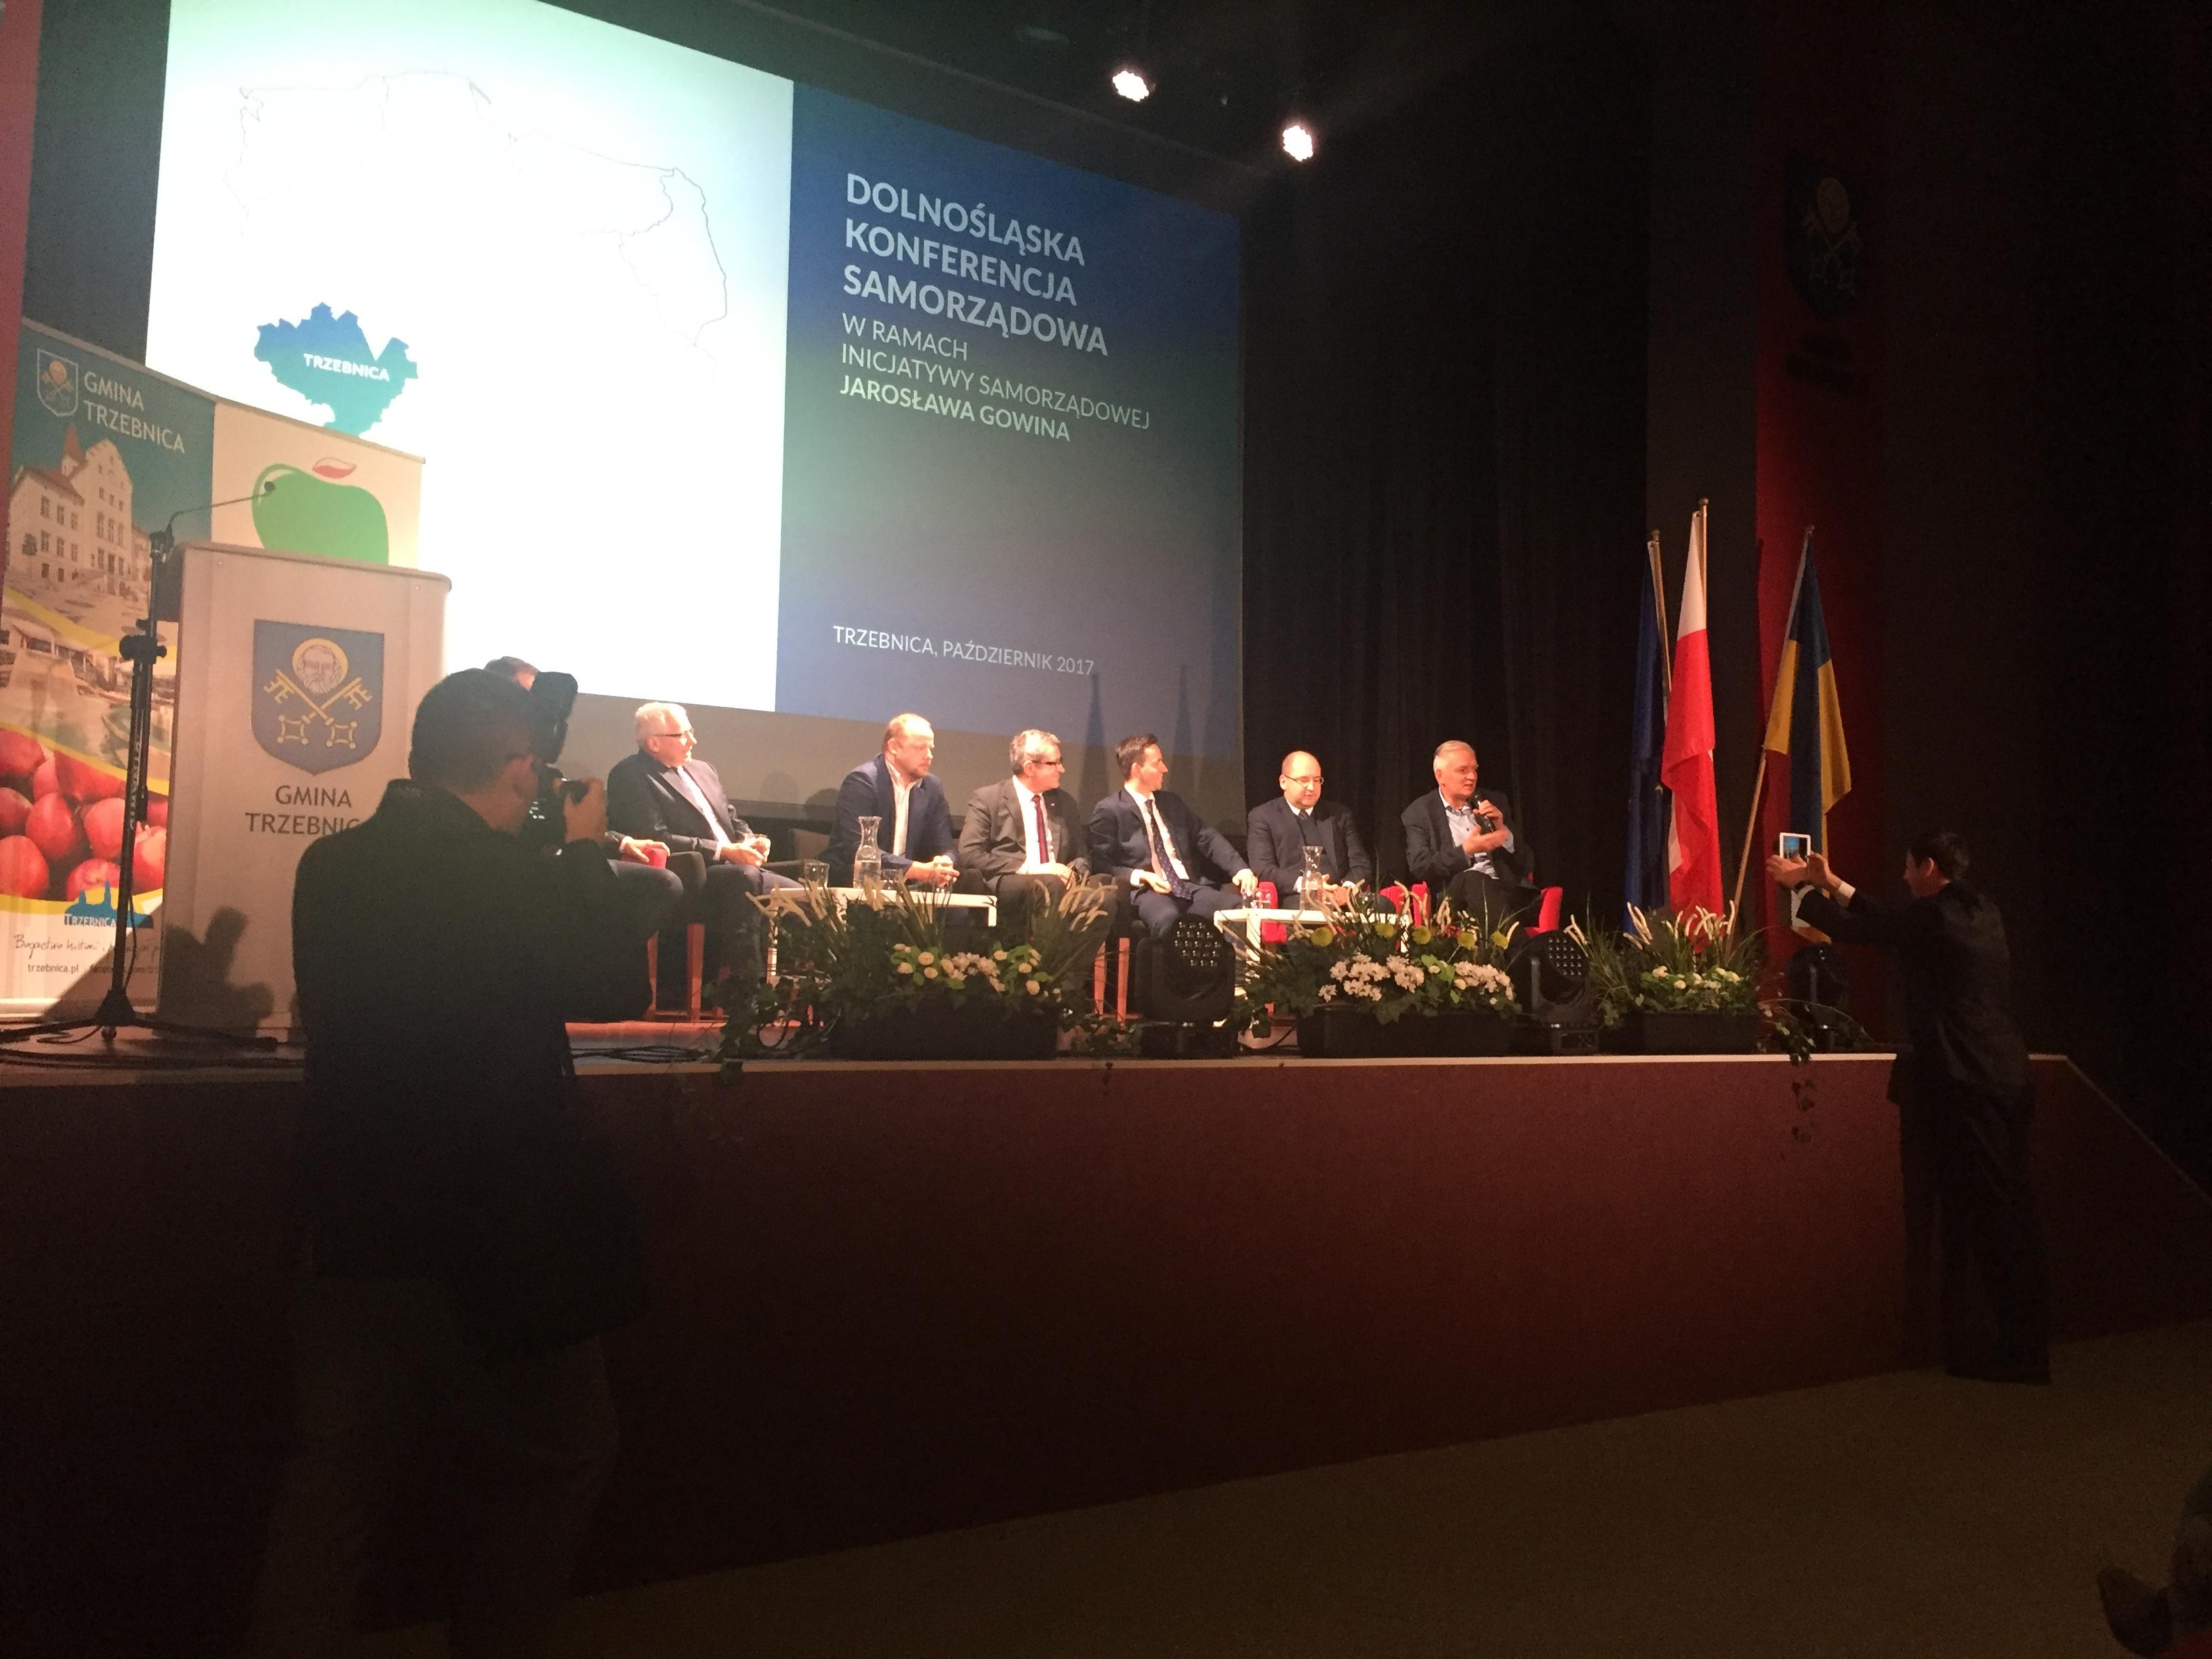 Dolnośląska Konferencja Samorządowa